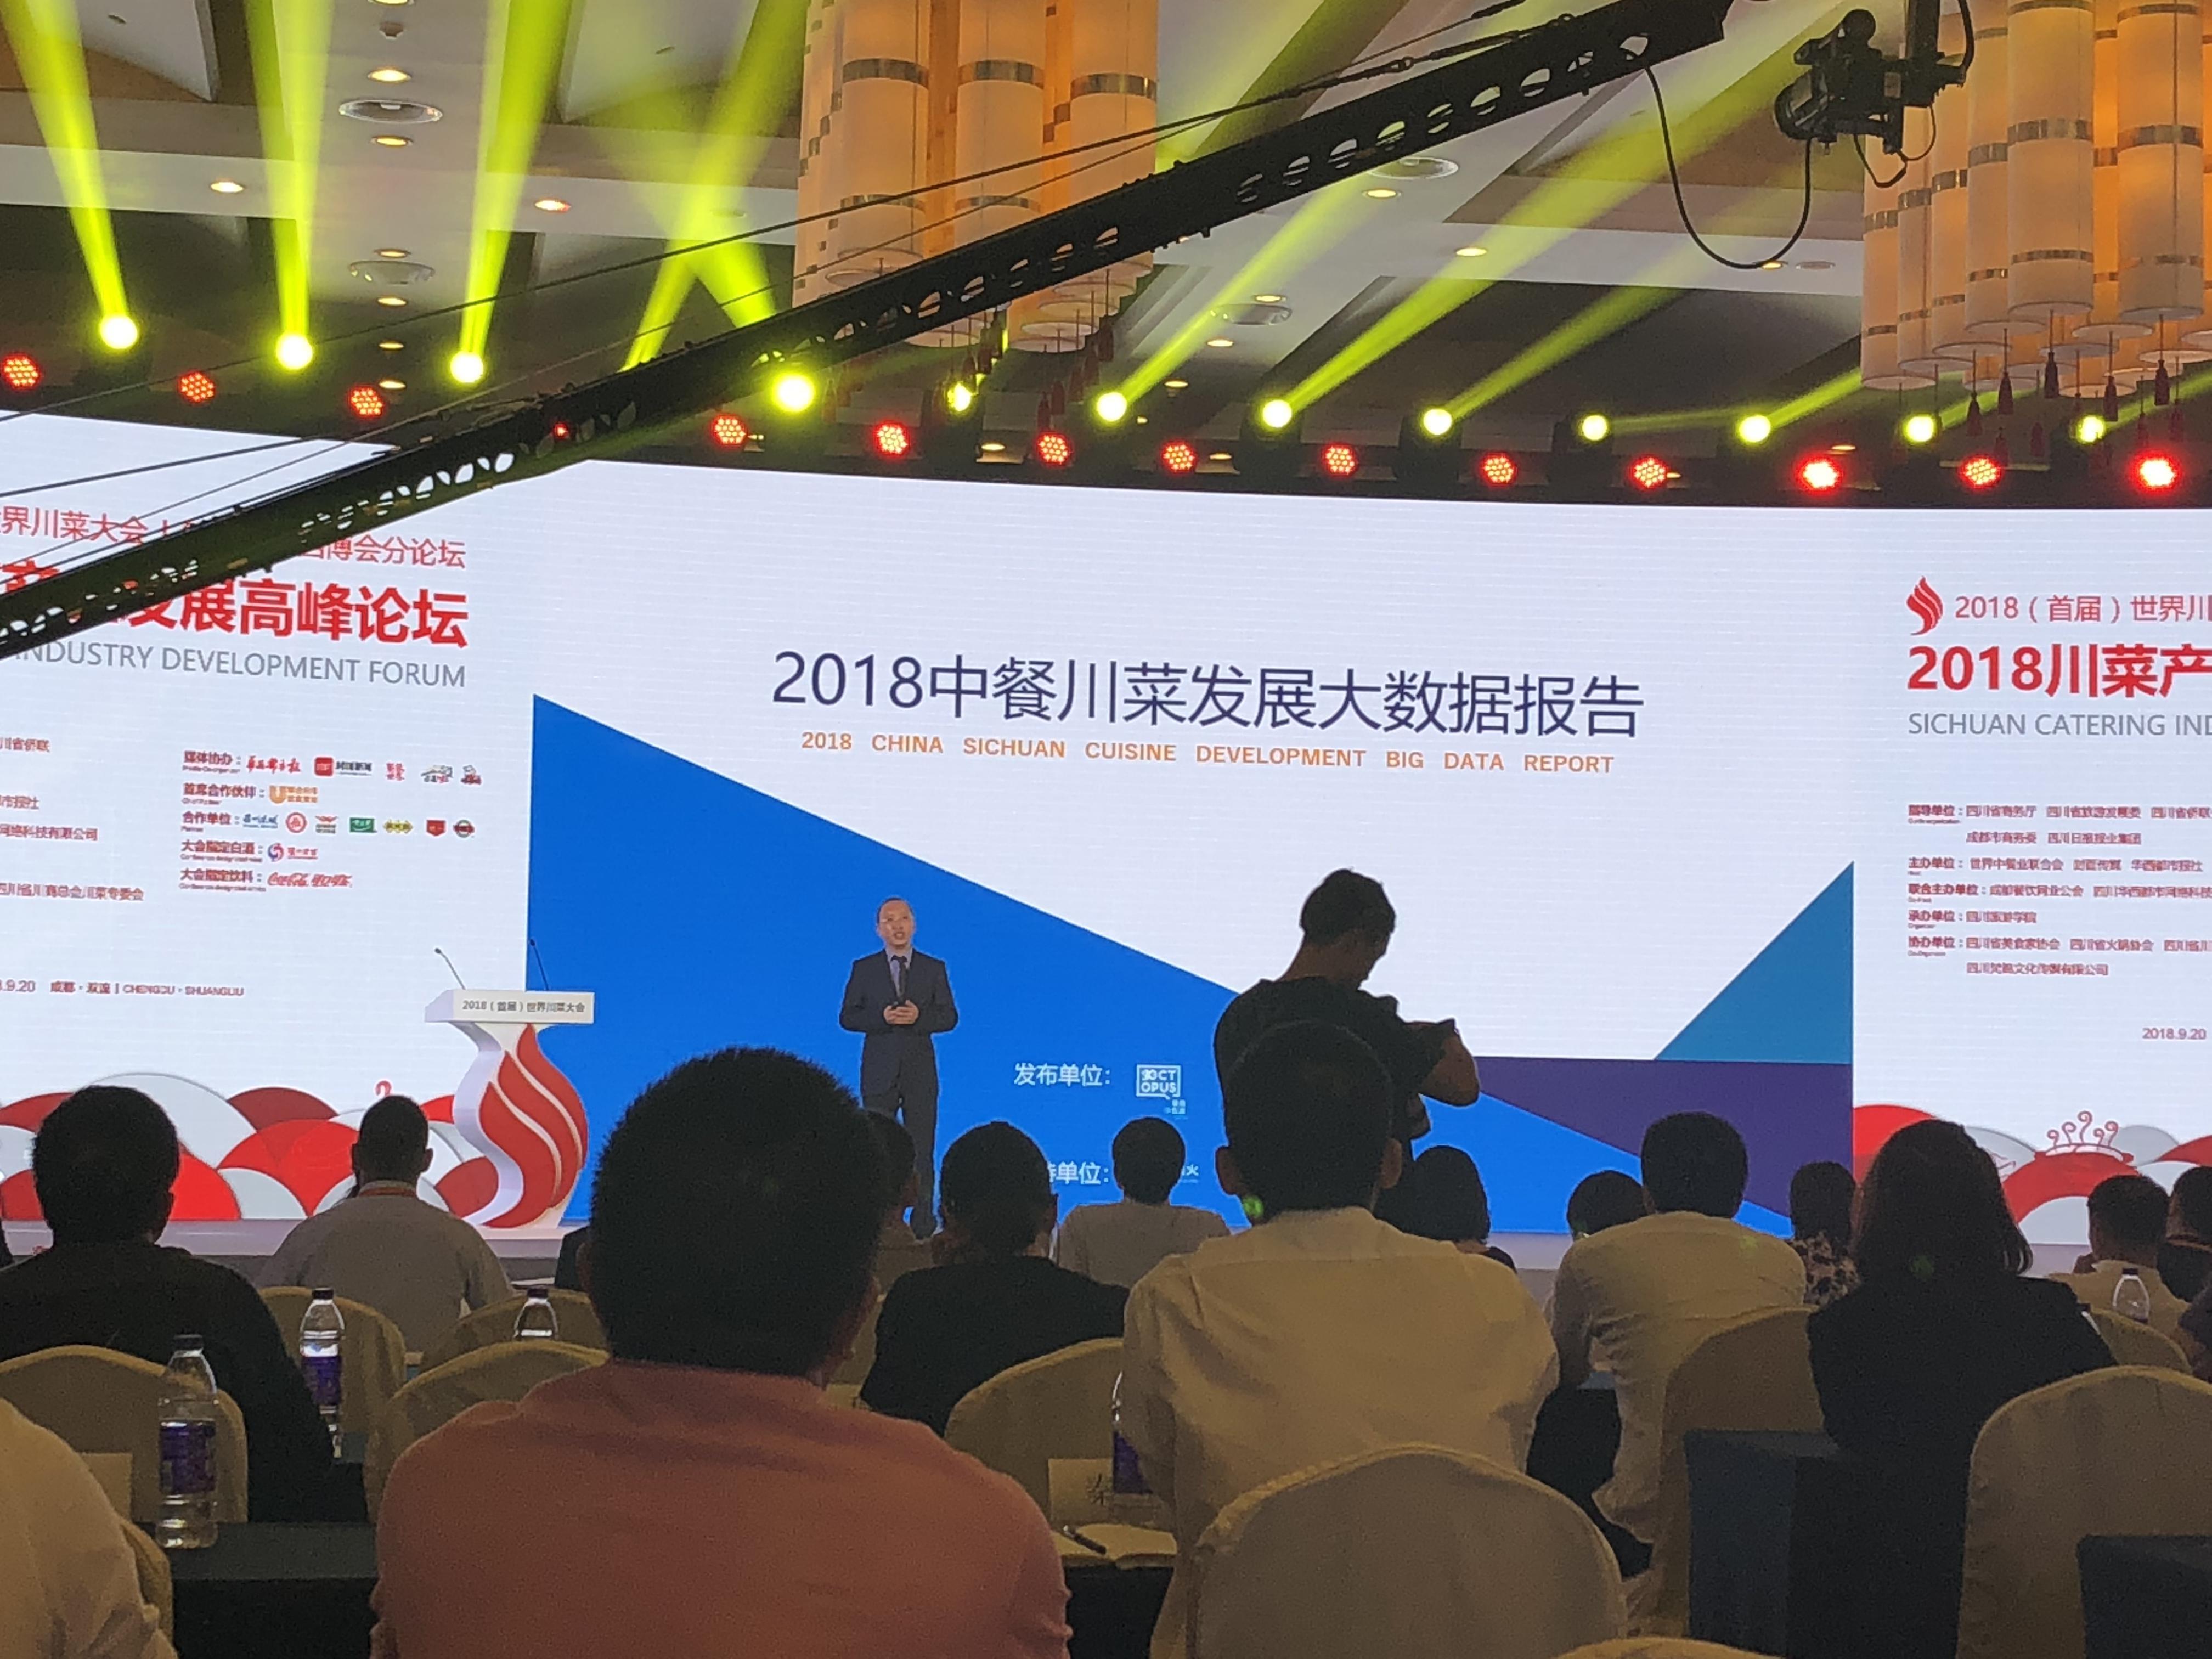 http://www.weixinrensheng.com/meishi/775462.html